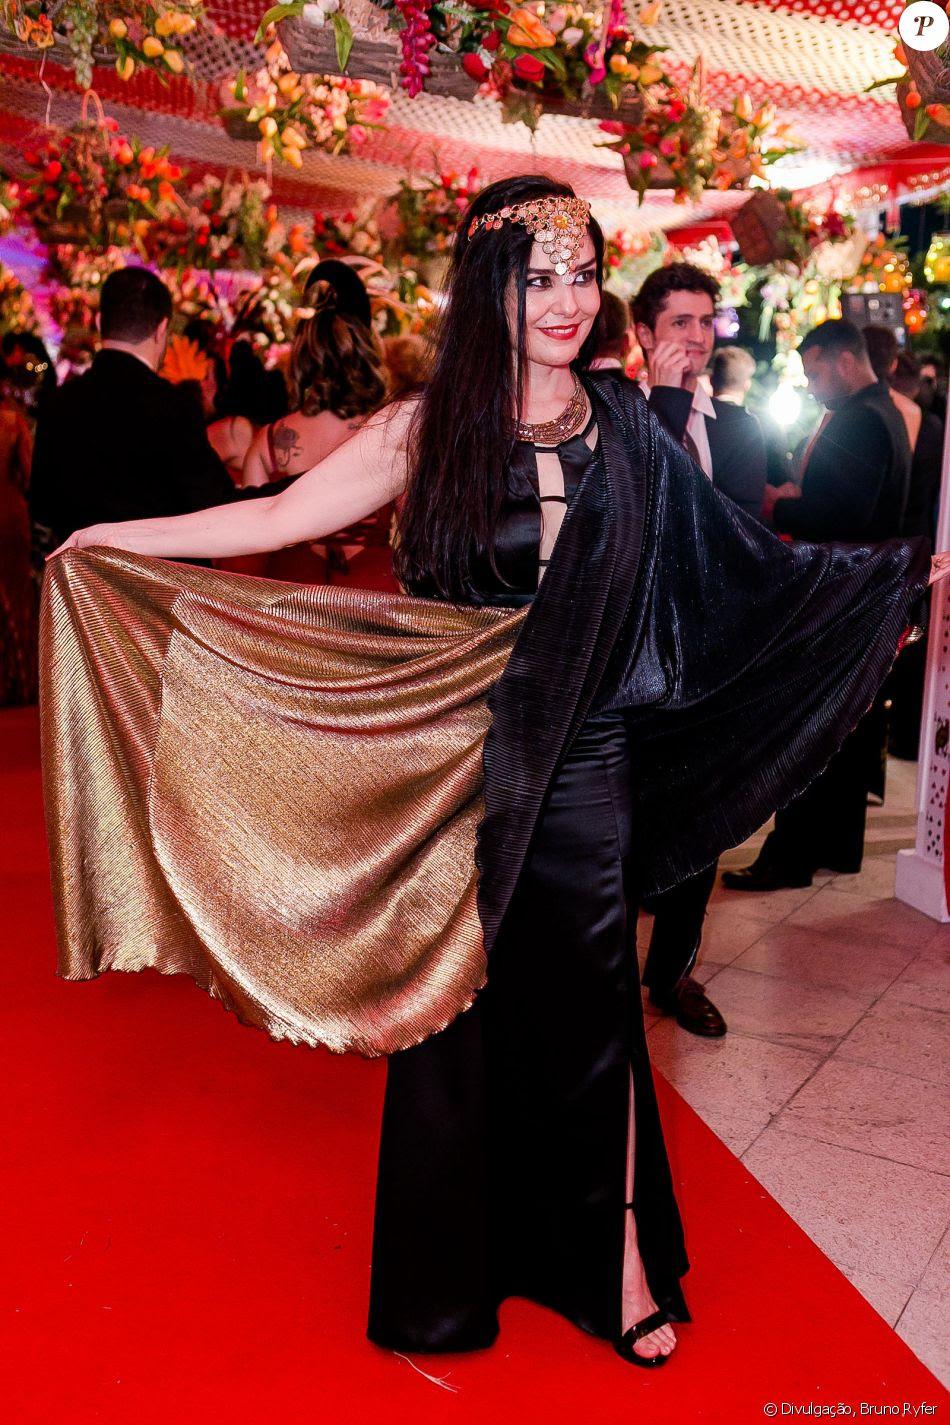 A atriz Leticia Sabatella apostou em uma produção preta e dourada para o Baile do Copa, realizado no hotel Belmond Copacabana Palace, na Zona Sul do Rio de Janeiro, neste sábado, 10 de fevereiro de 2018